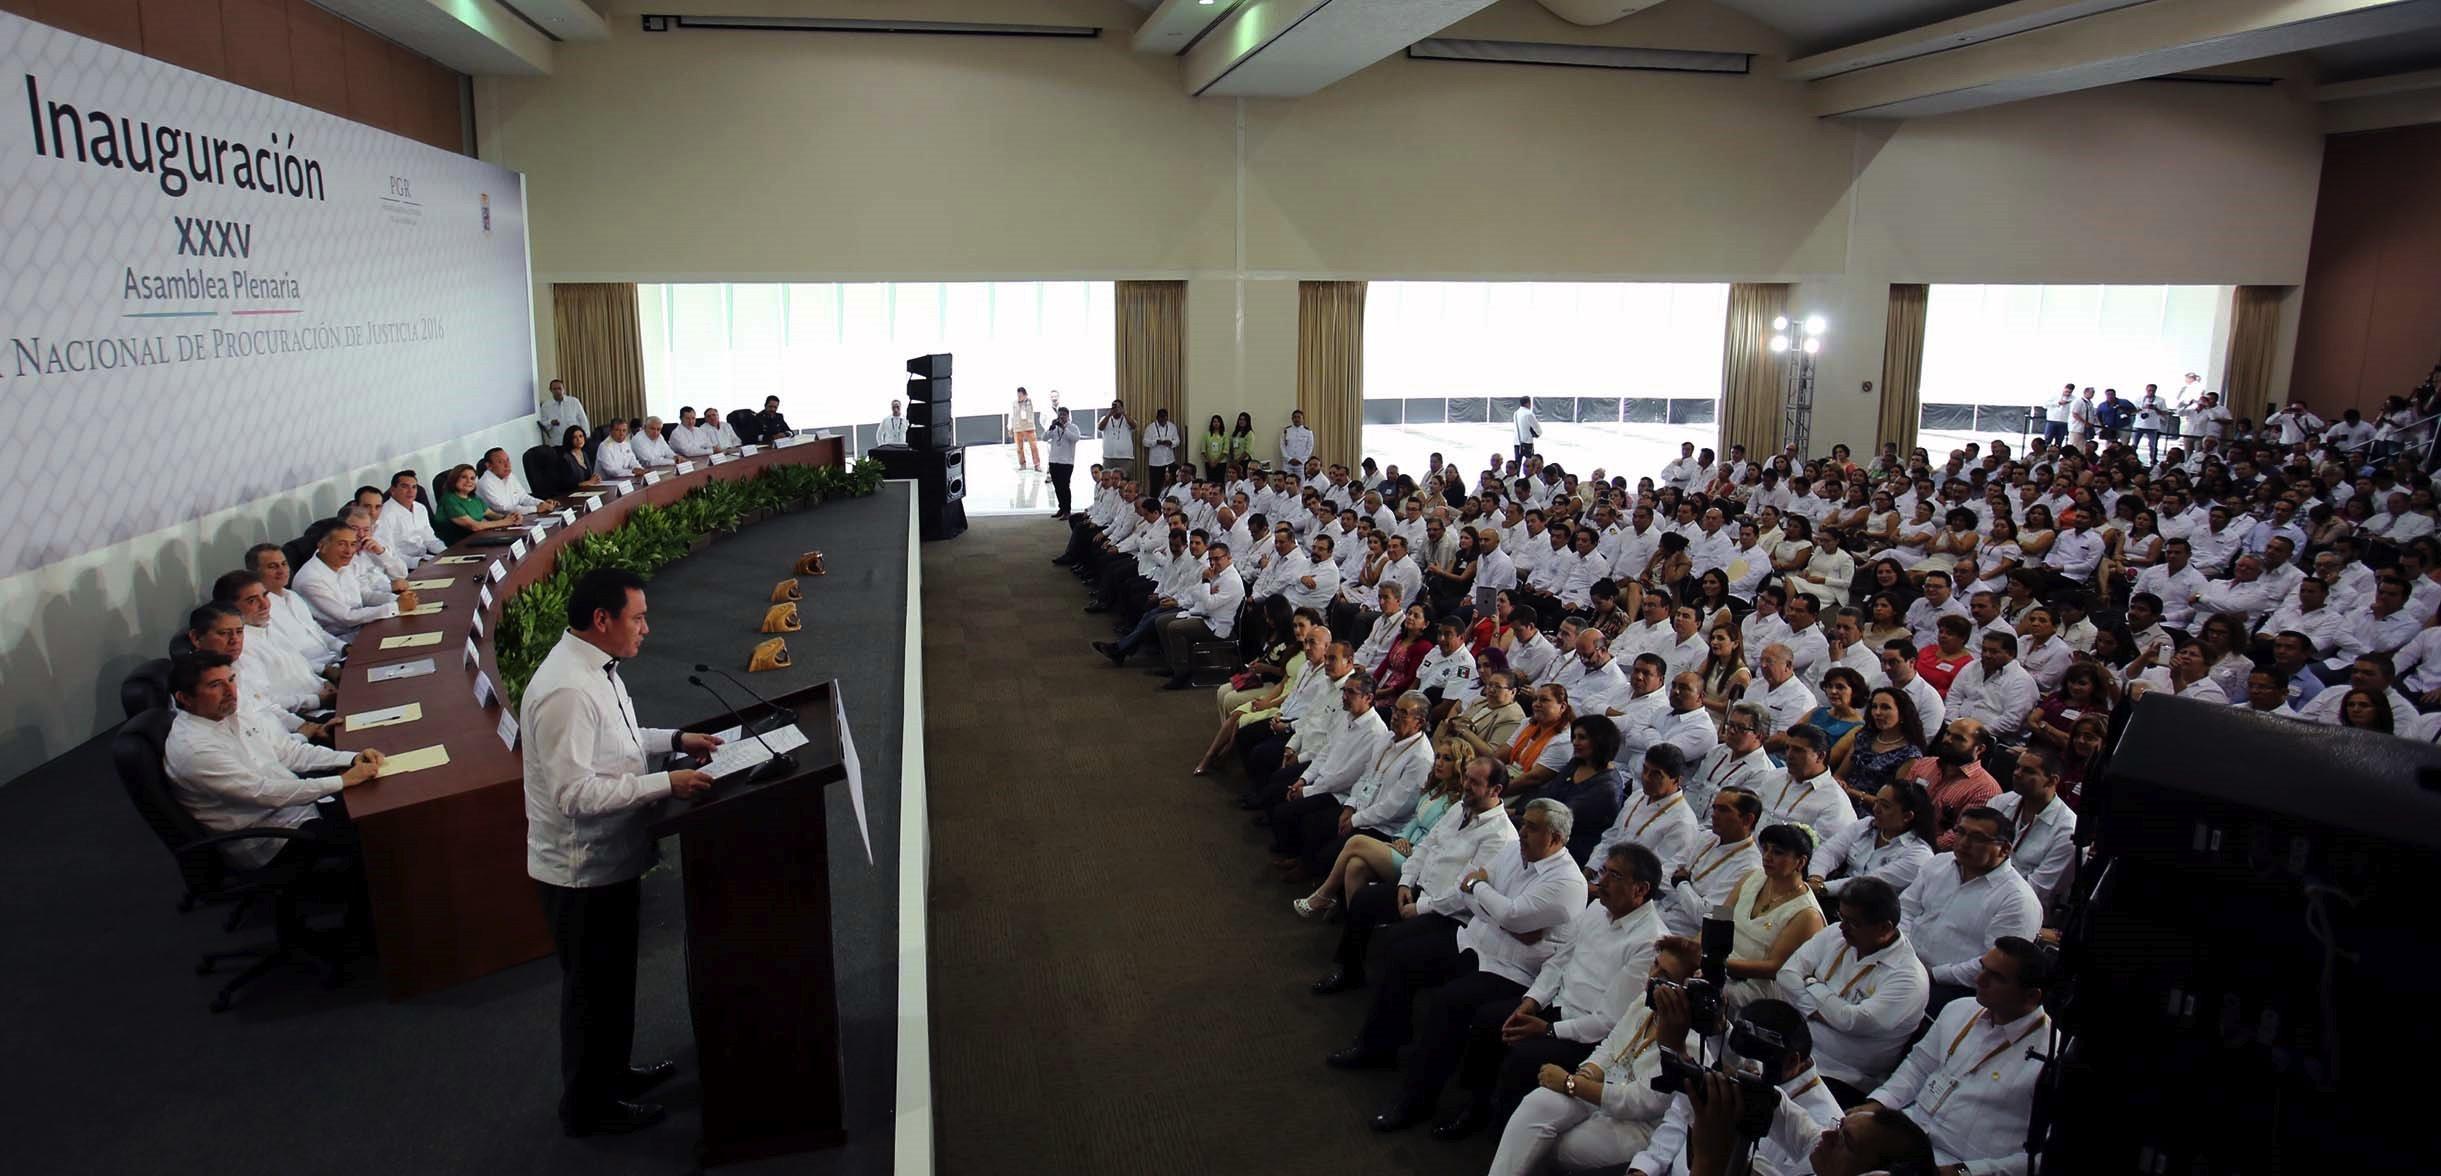 El Secretario de Gobernación Miguel Ángel Osorio Chong al inaugurar la XXXV Asamblea Plenaria de la Conferencia Nacional de Procuración de Justicia  2016